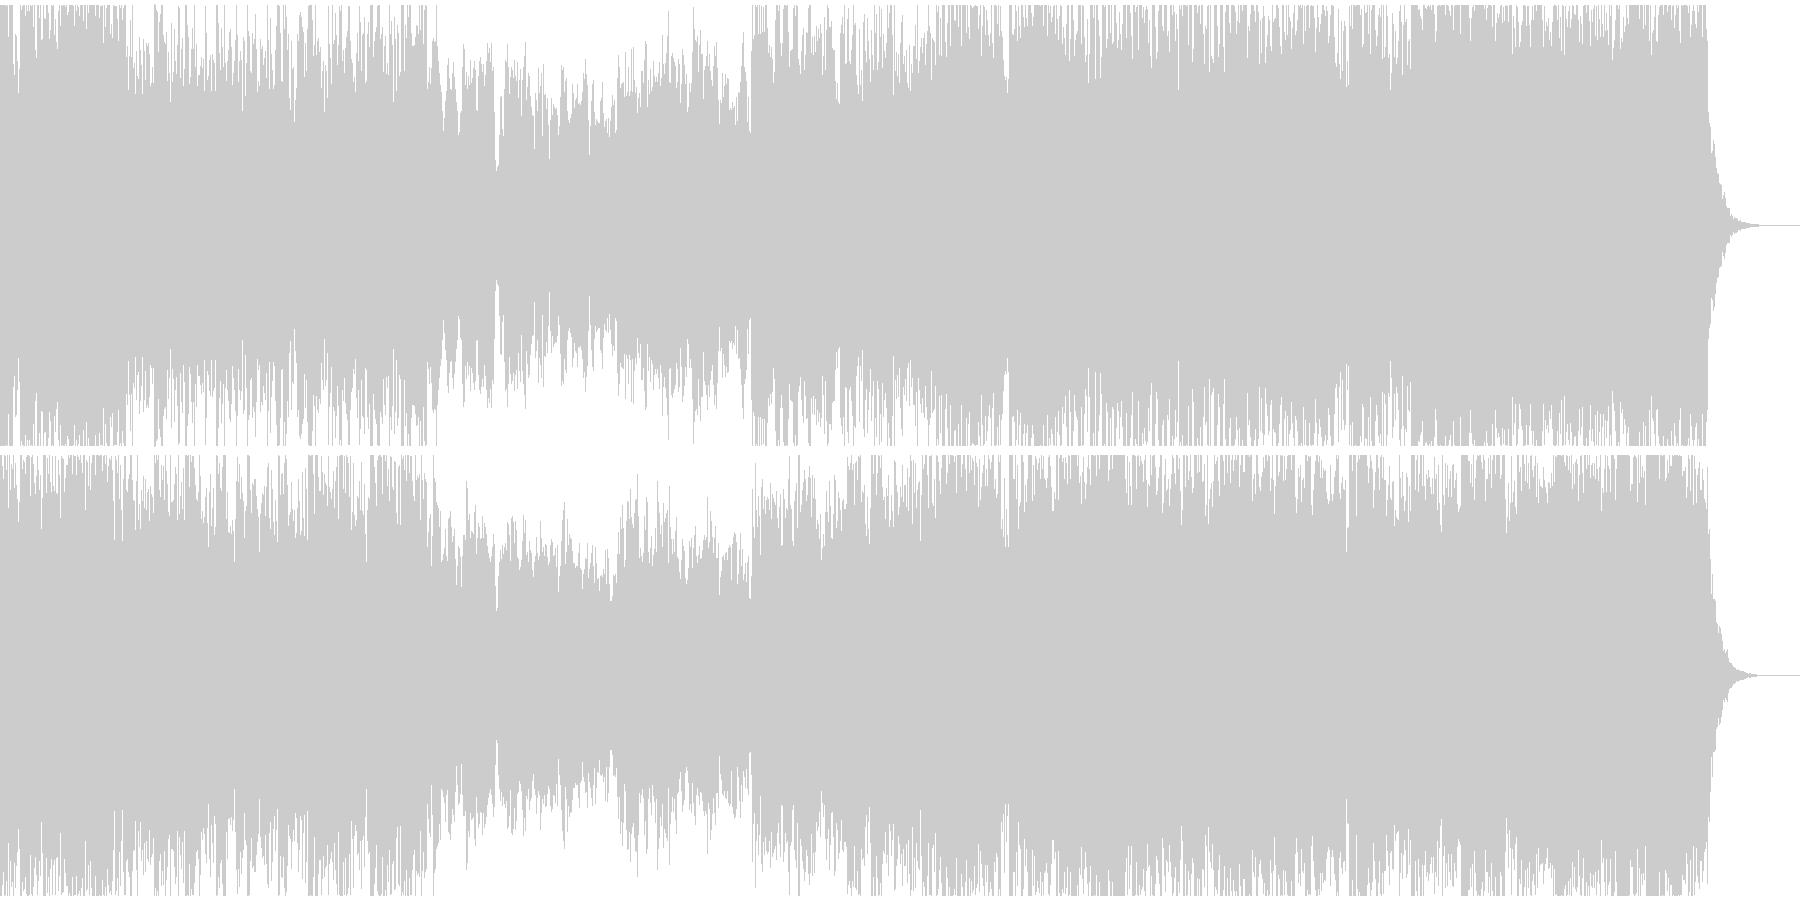 壮大な和風オーケストラの未再生の波形